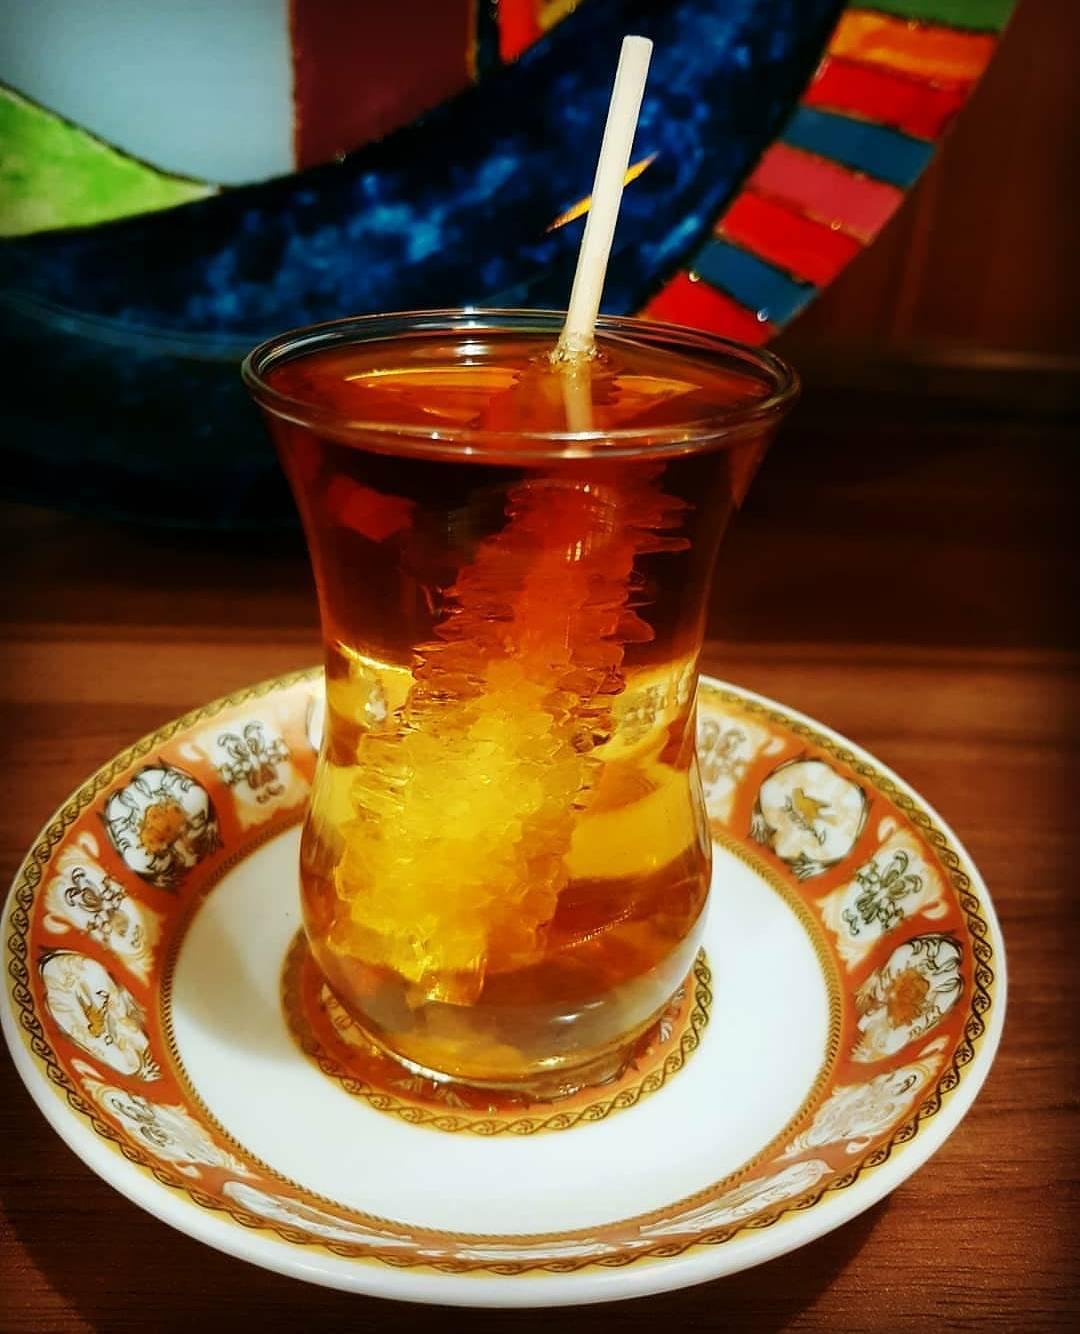 علاجِ سرطان با چایِ نبات که نمی شه!